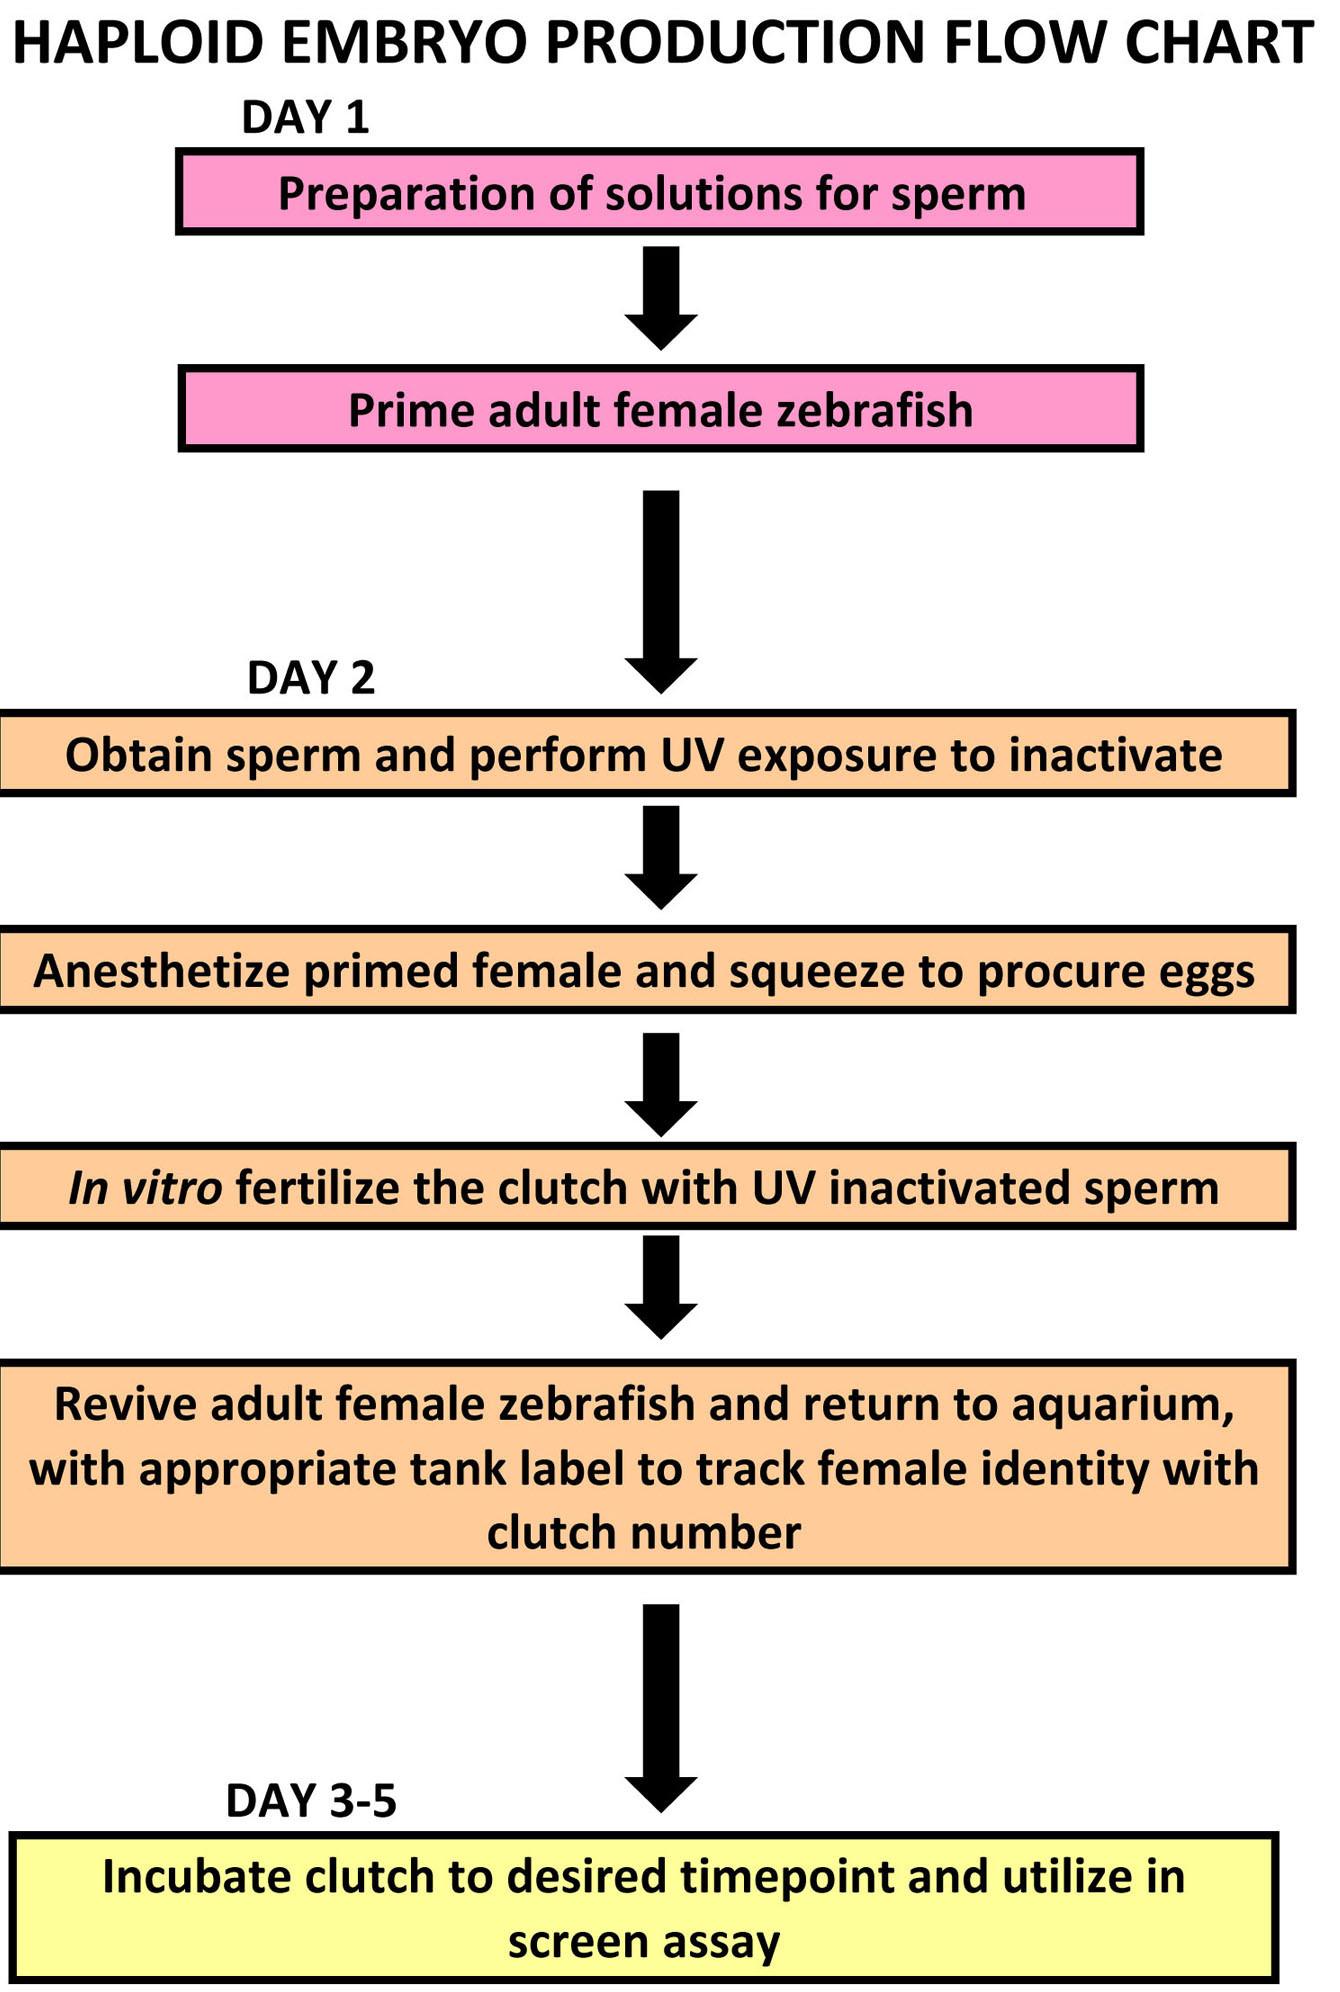 2 Herausforderung Sperma Minuten Indica Skincare: